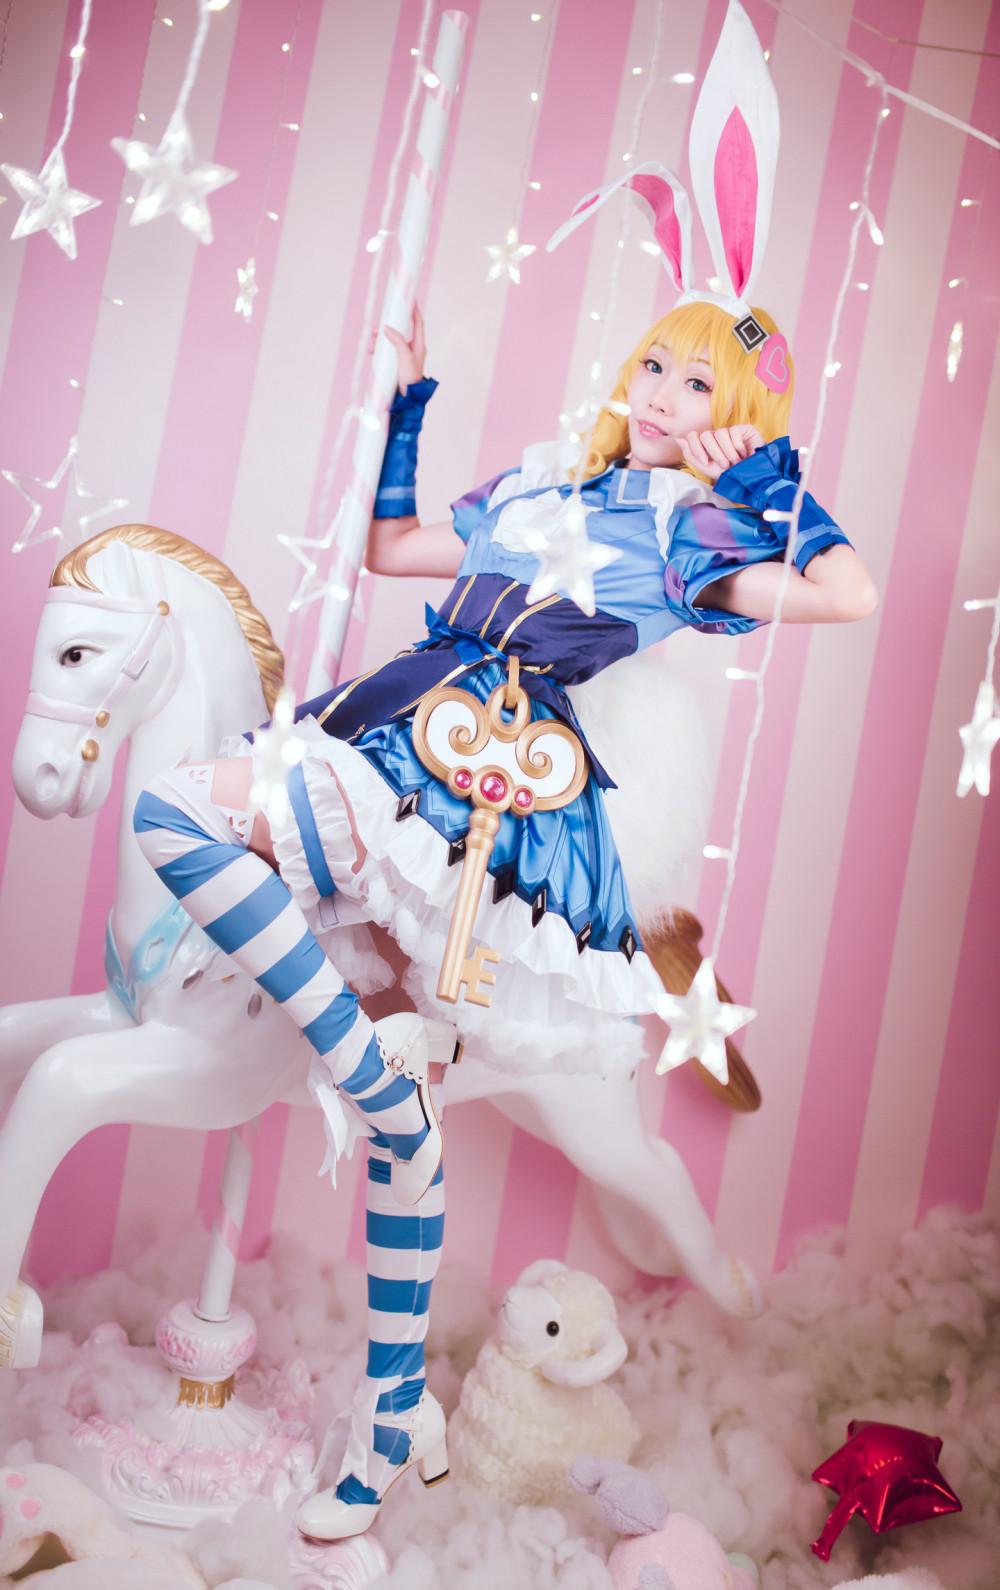 《王者榮耀》妲己仙境愛麗絲裝扮 歡迎來到Wonderland! 6